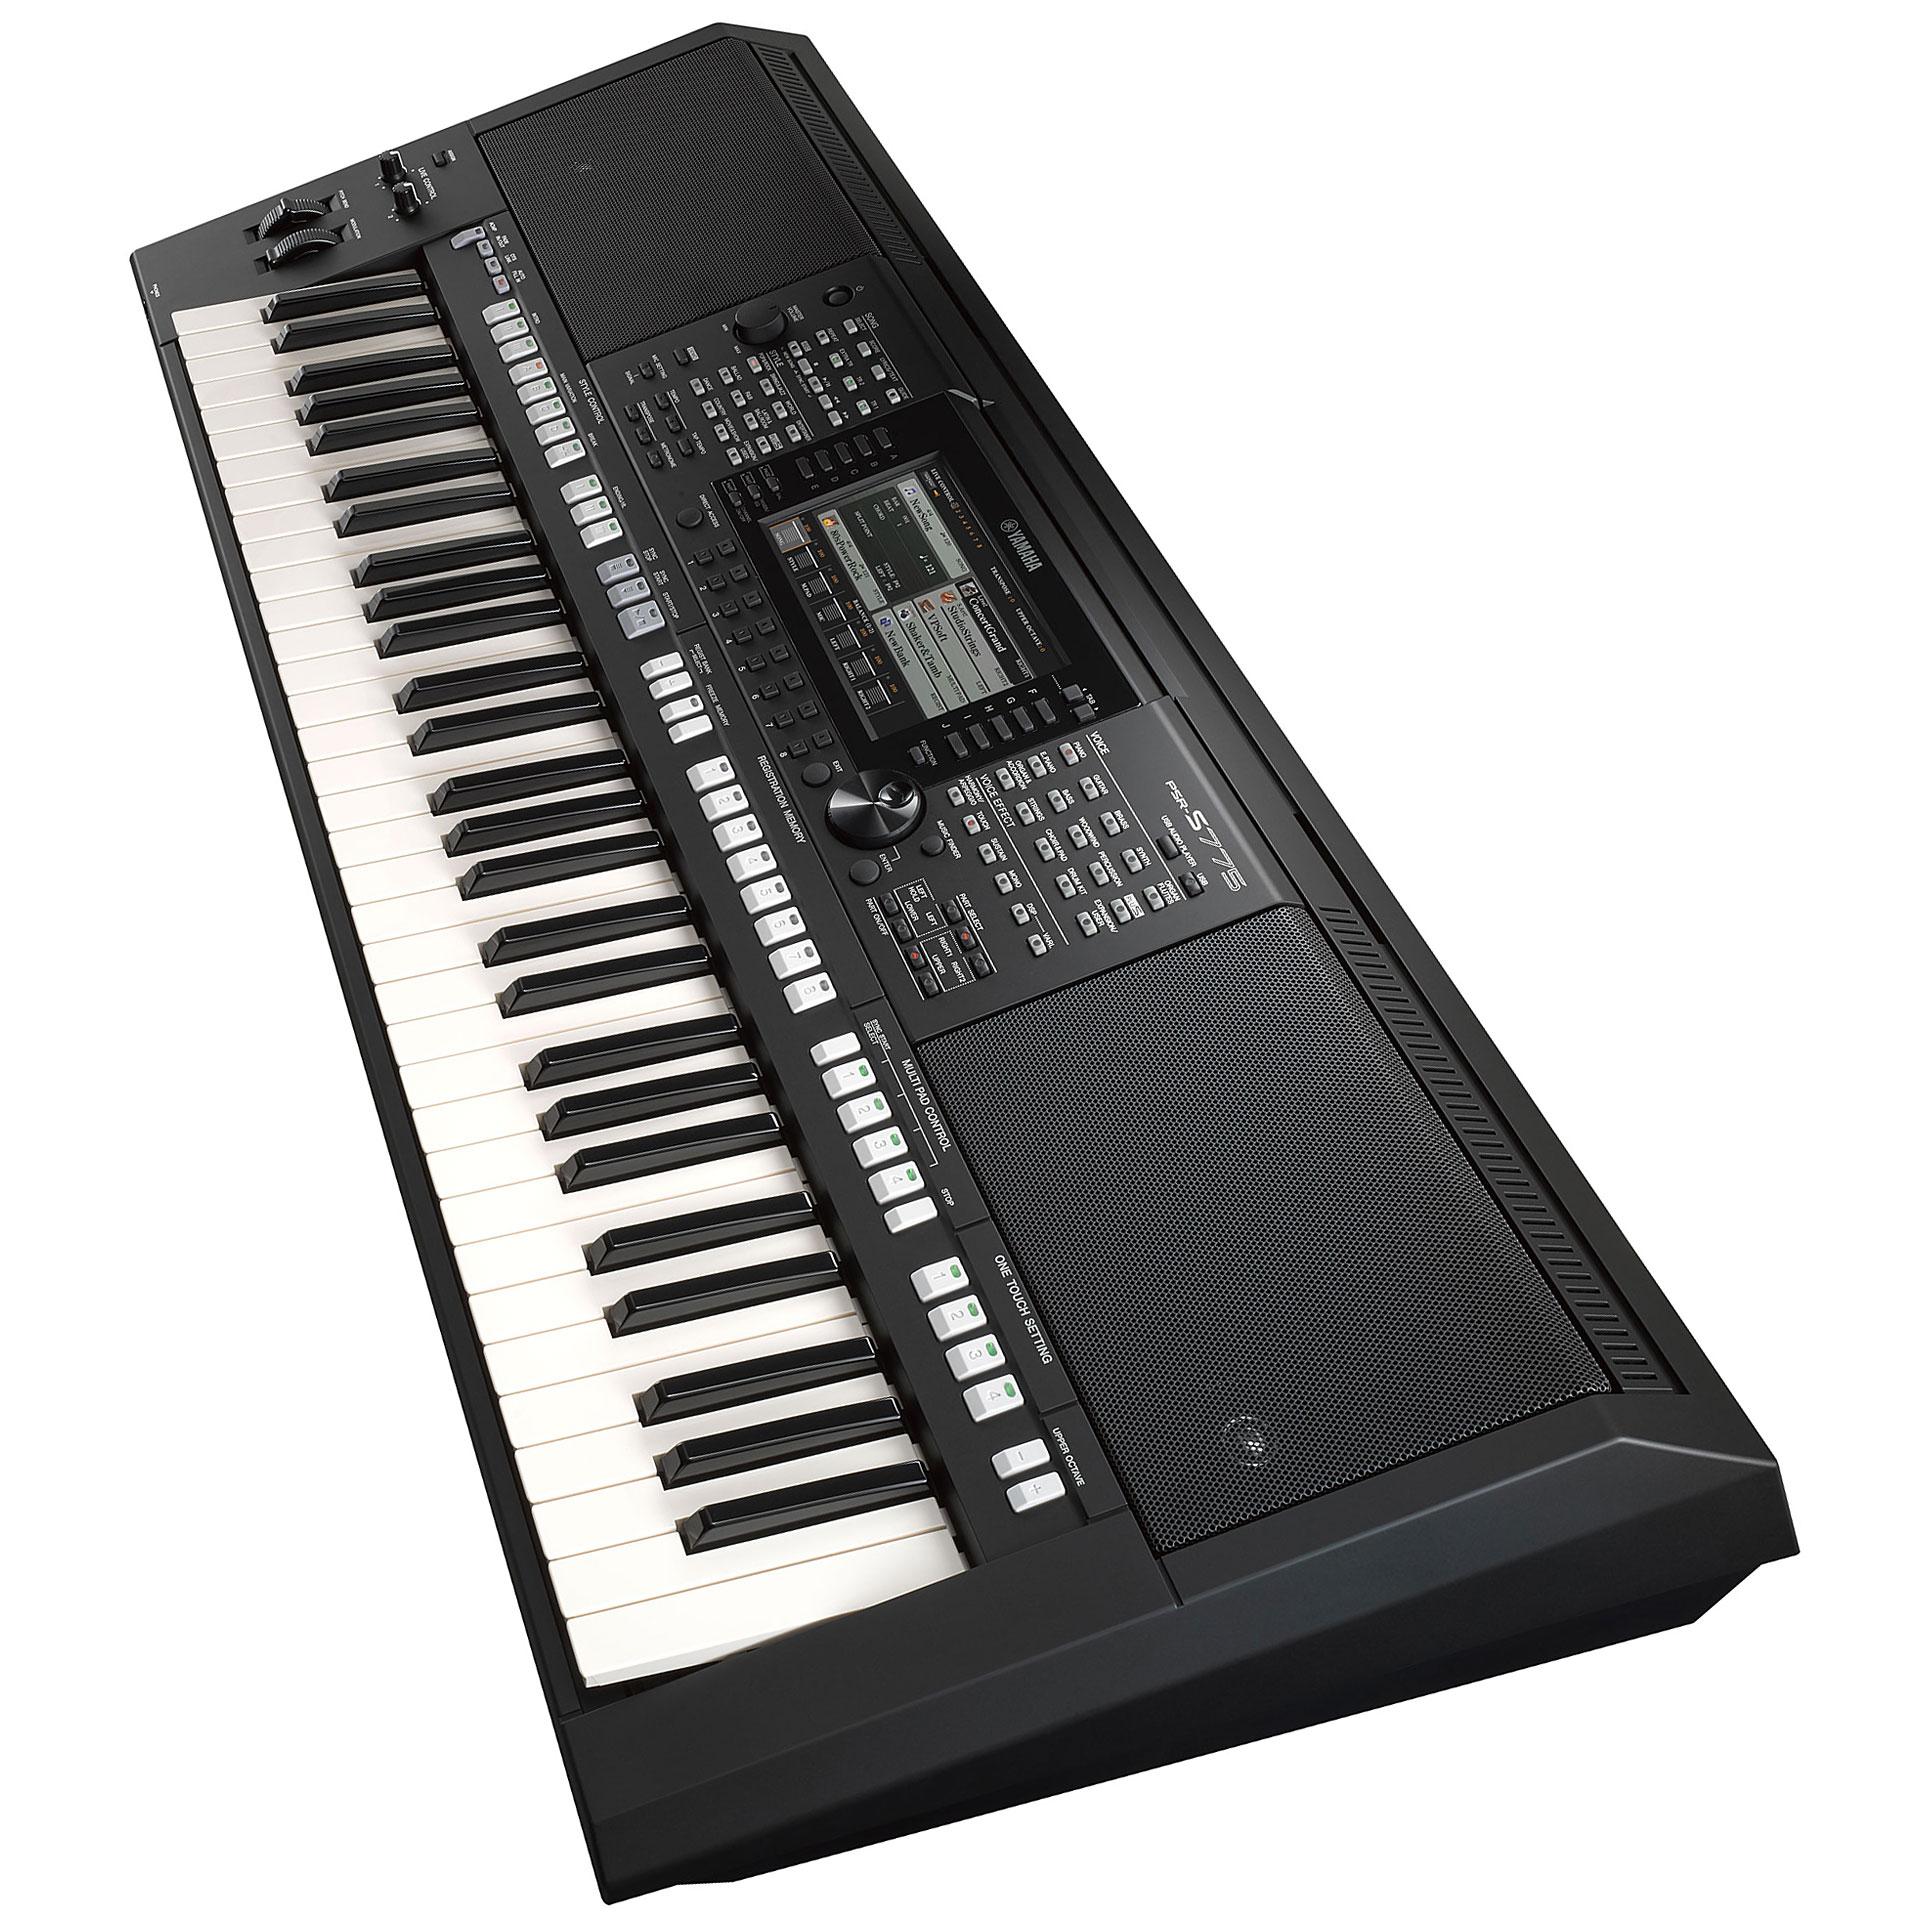 yamaha psr s775 keyboard. Black Bedroom Furniture Sets. Home Design Ideas